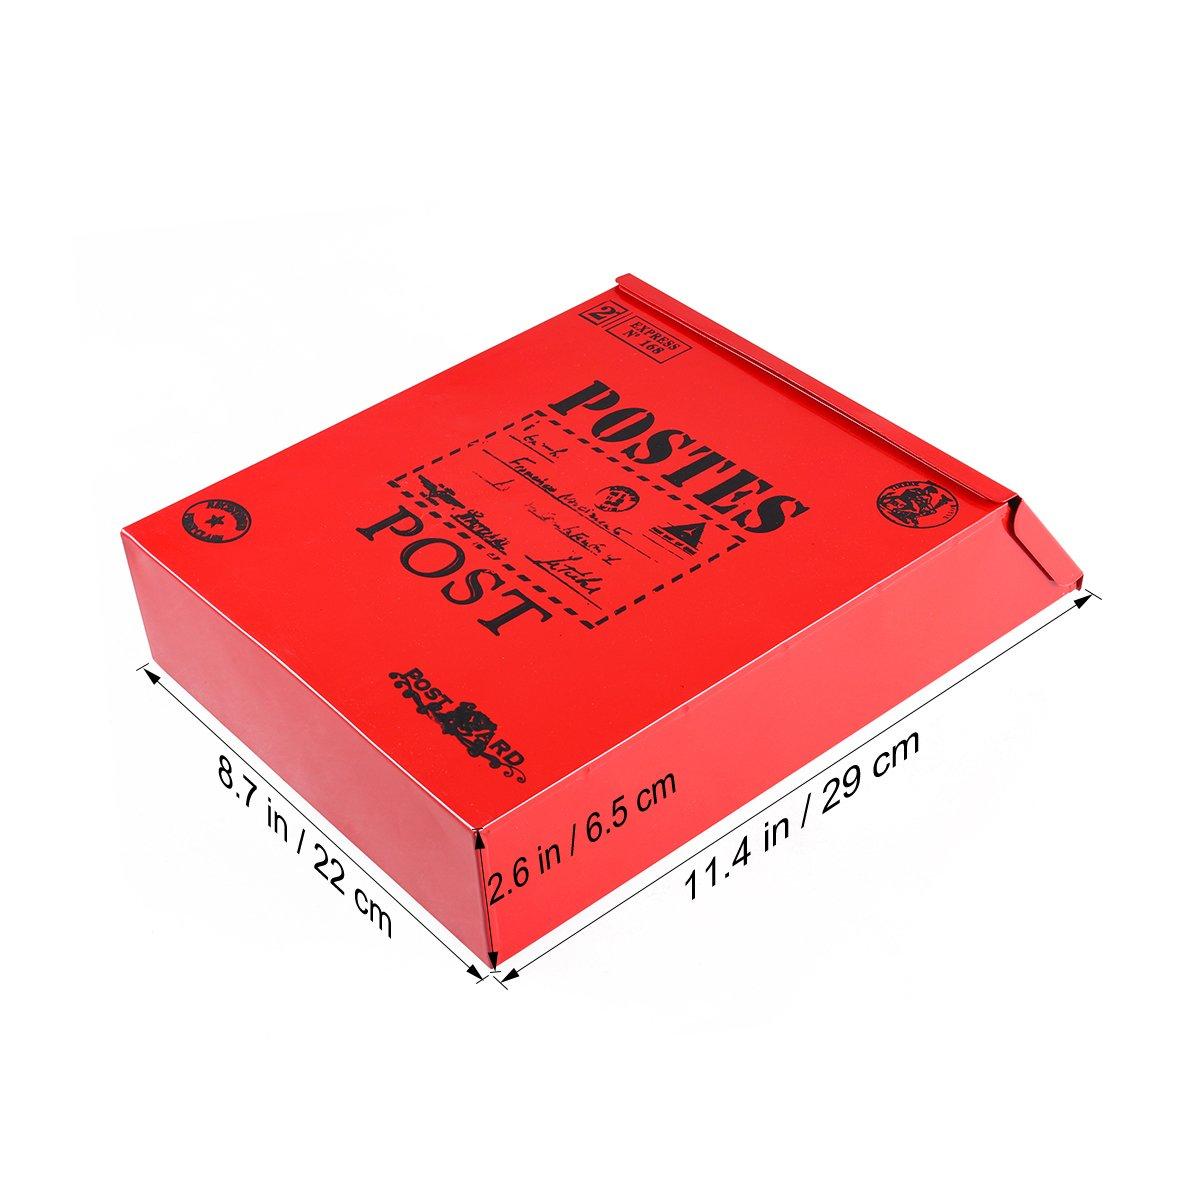 STOBOK Kleine Vorschlagsbox An der Wand montierbare Mailbox H/ängende Beschwerde Mehrzweckbox aus Aluminiumlegierung mit Schlosswand